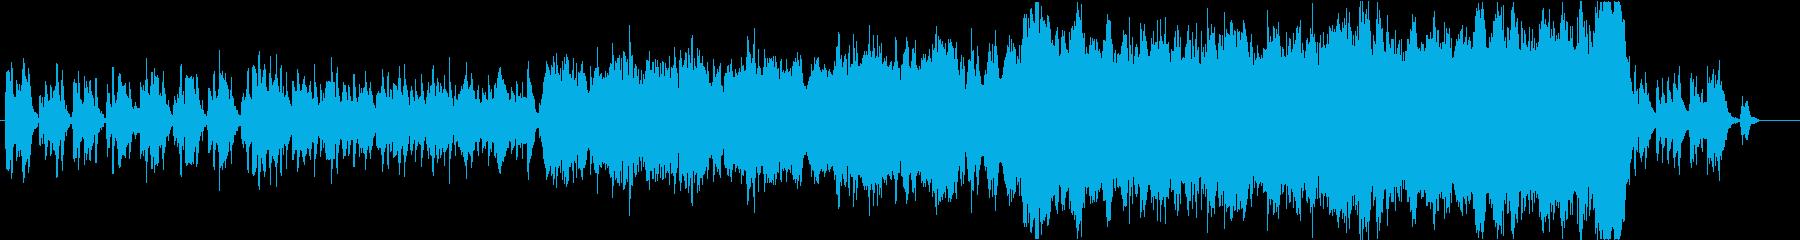 ワルツ/ファンタジー系壮大なオーケストラの再生済みの波形